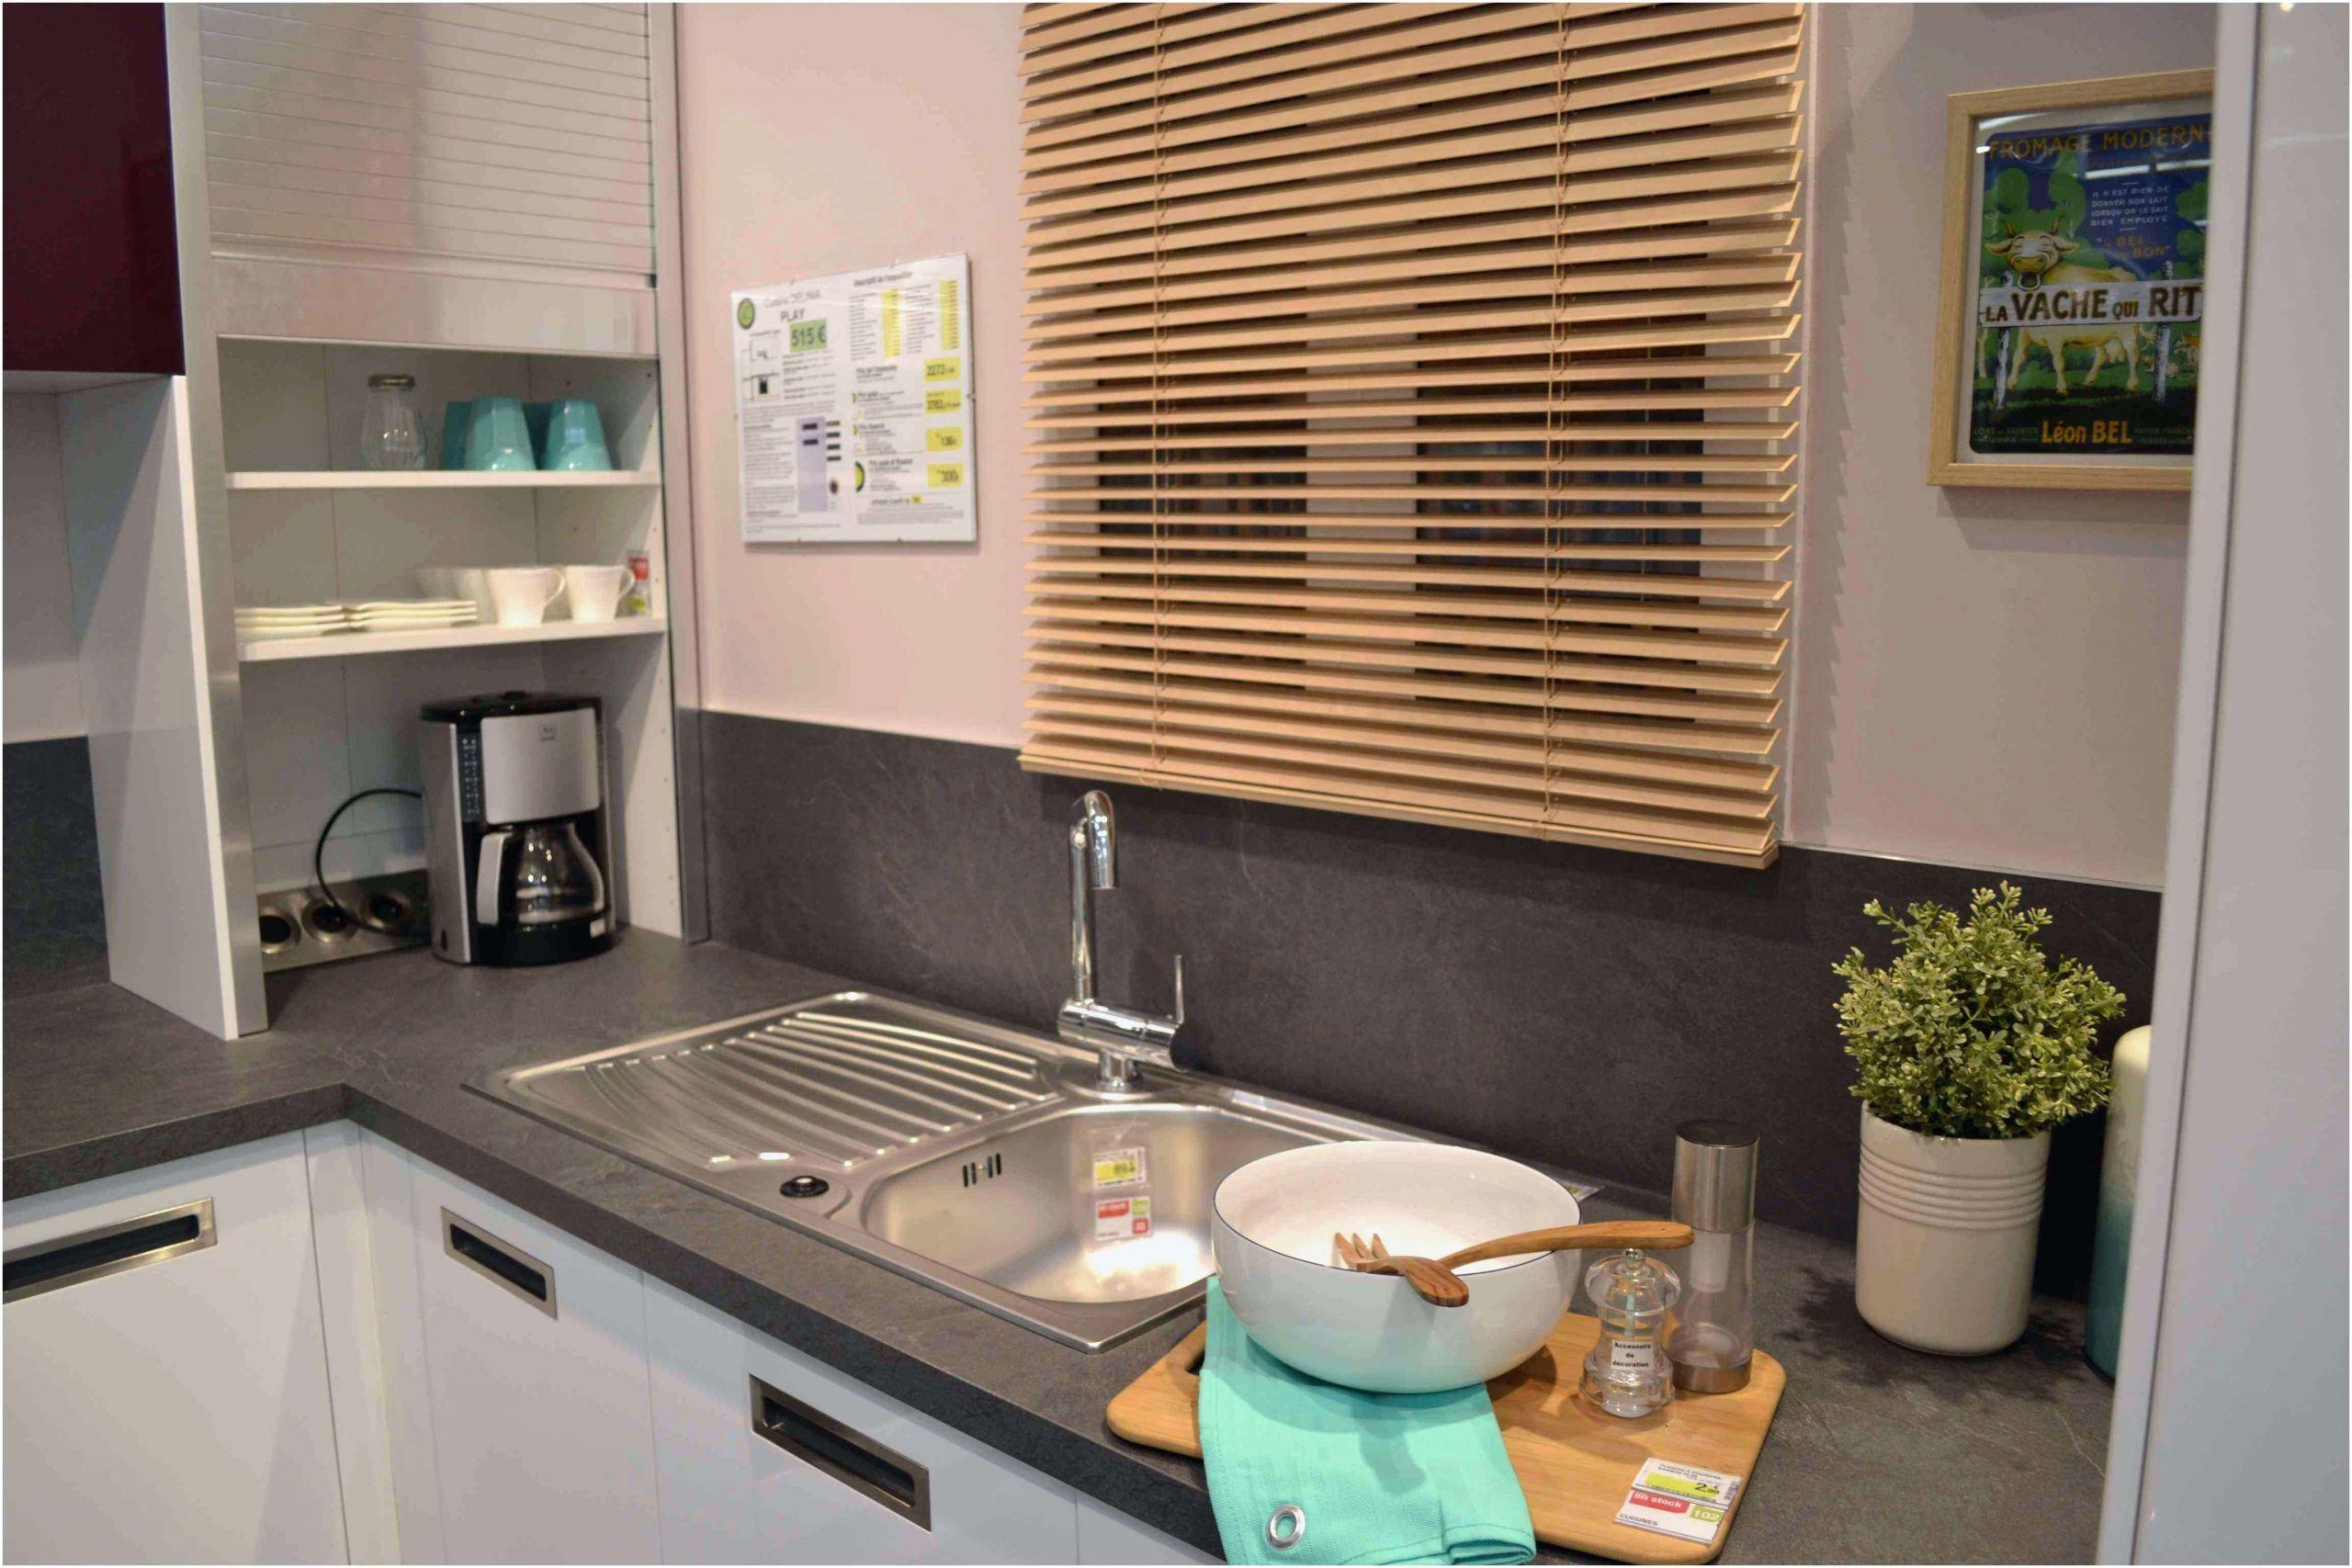 devis cuisine en ligne immediat charmant luxe casto cuisine moderne castorama cuisine unique meuble crack 0d of devis cuisine en ligne immediat